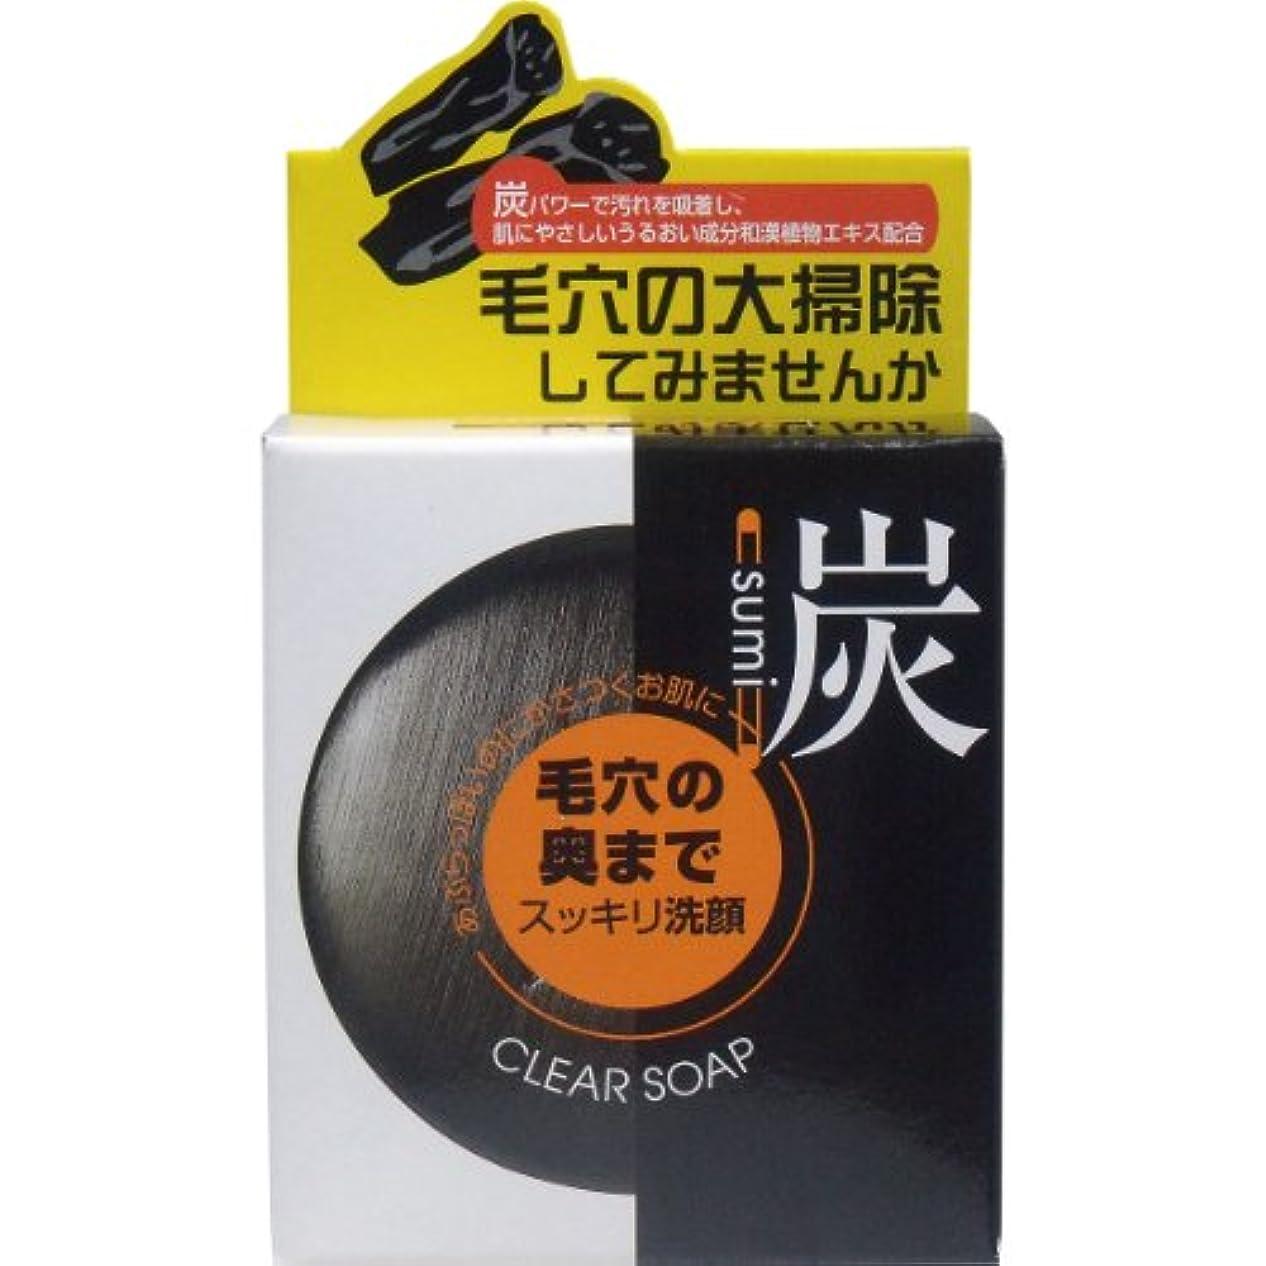 チューブ暗唱する実験ユゼ 炭透明石けん 5セット